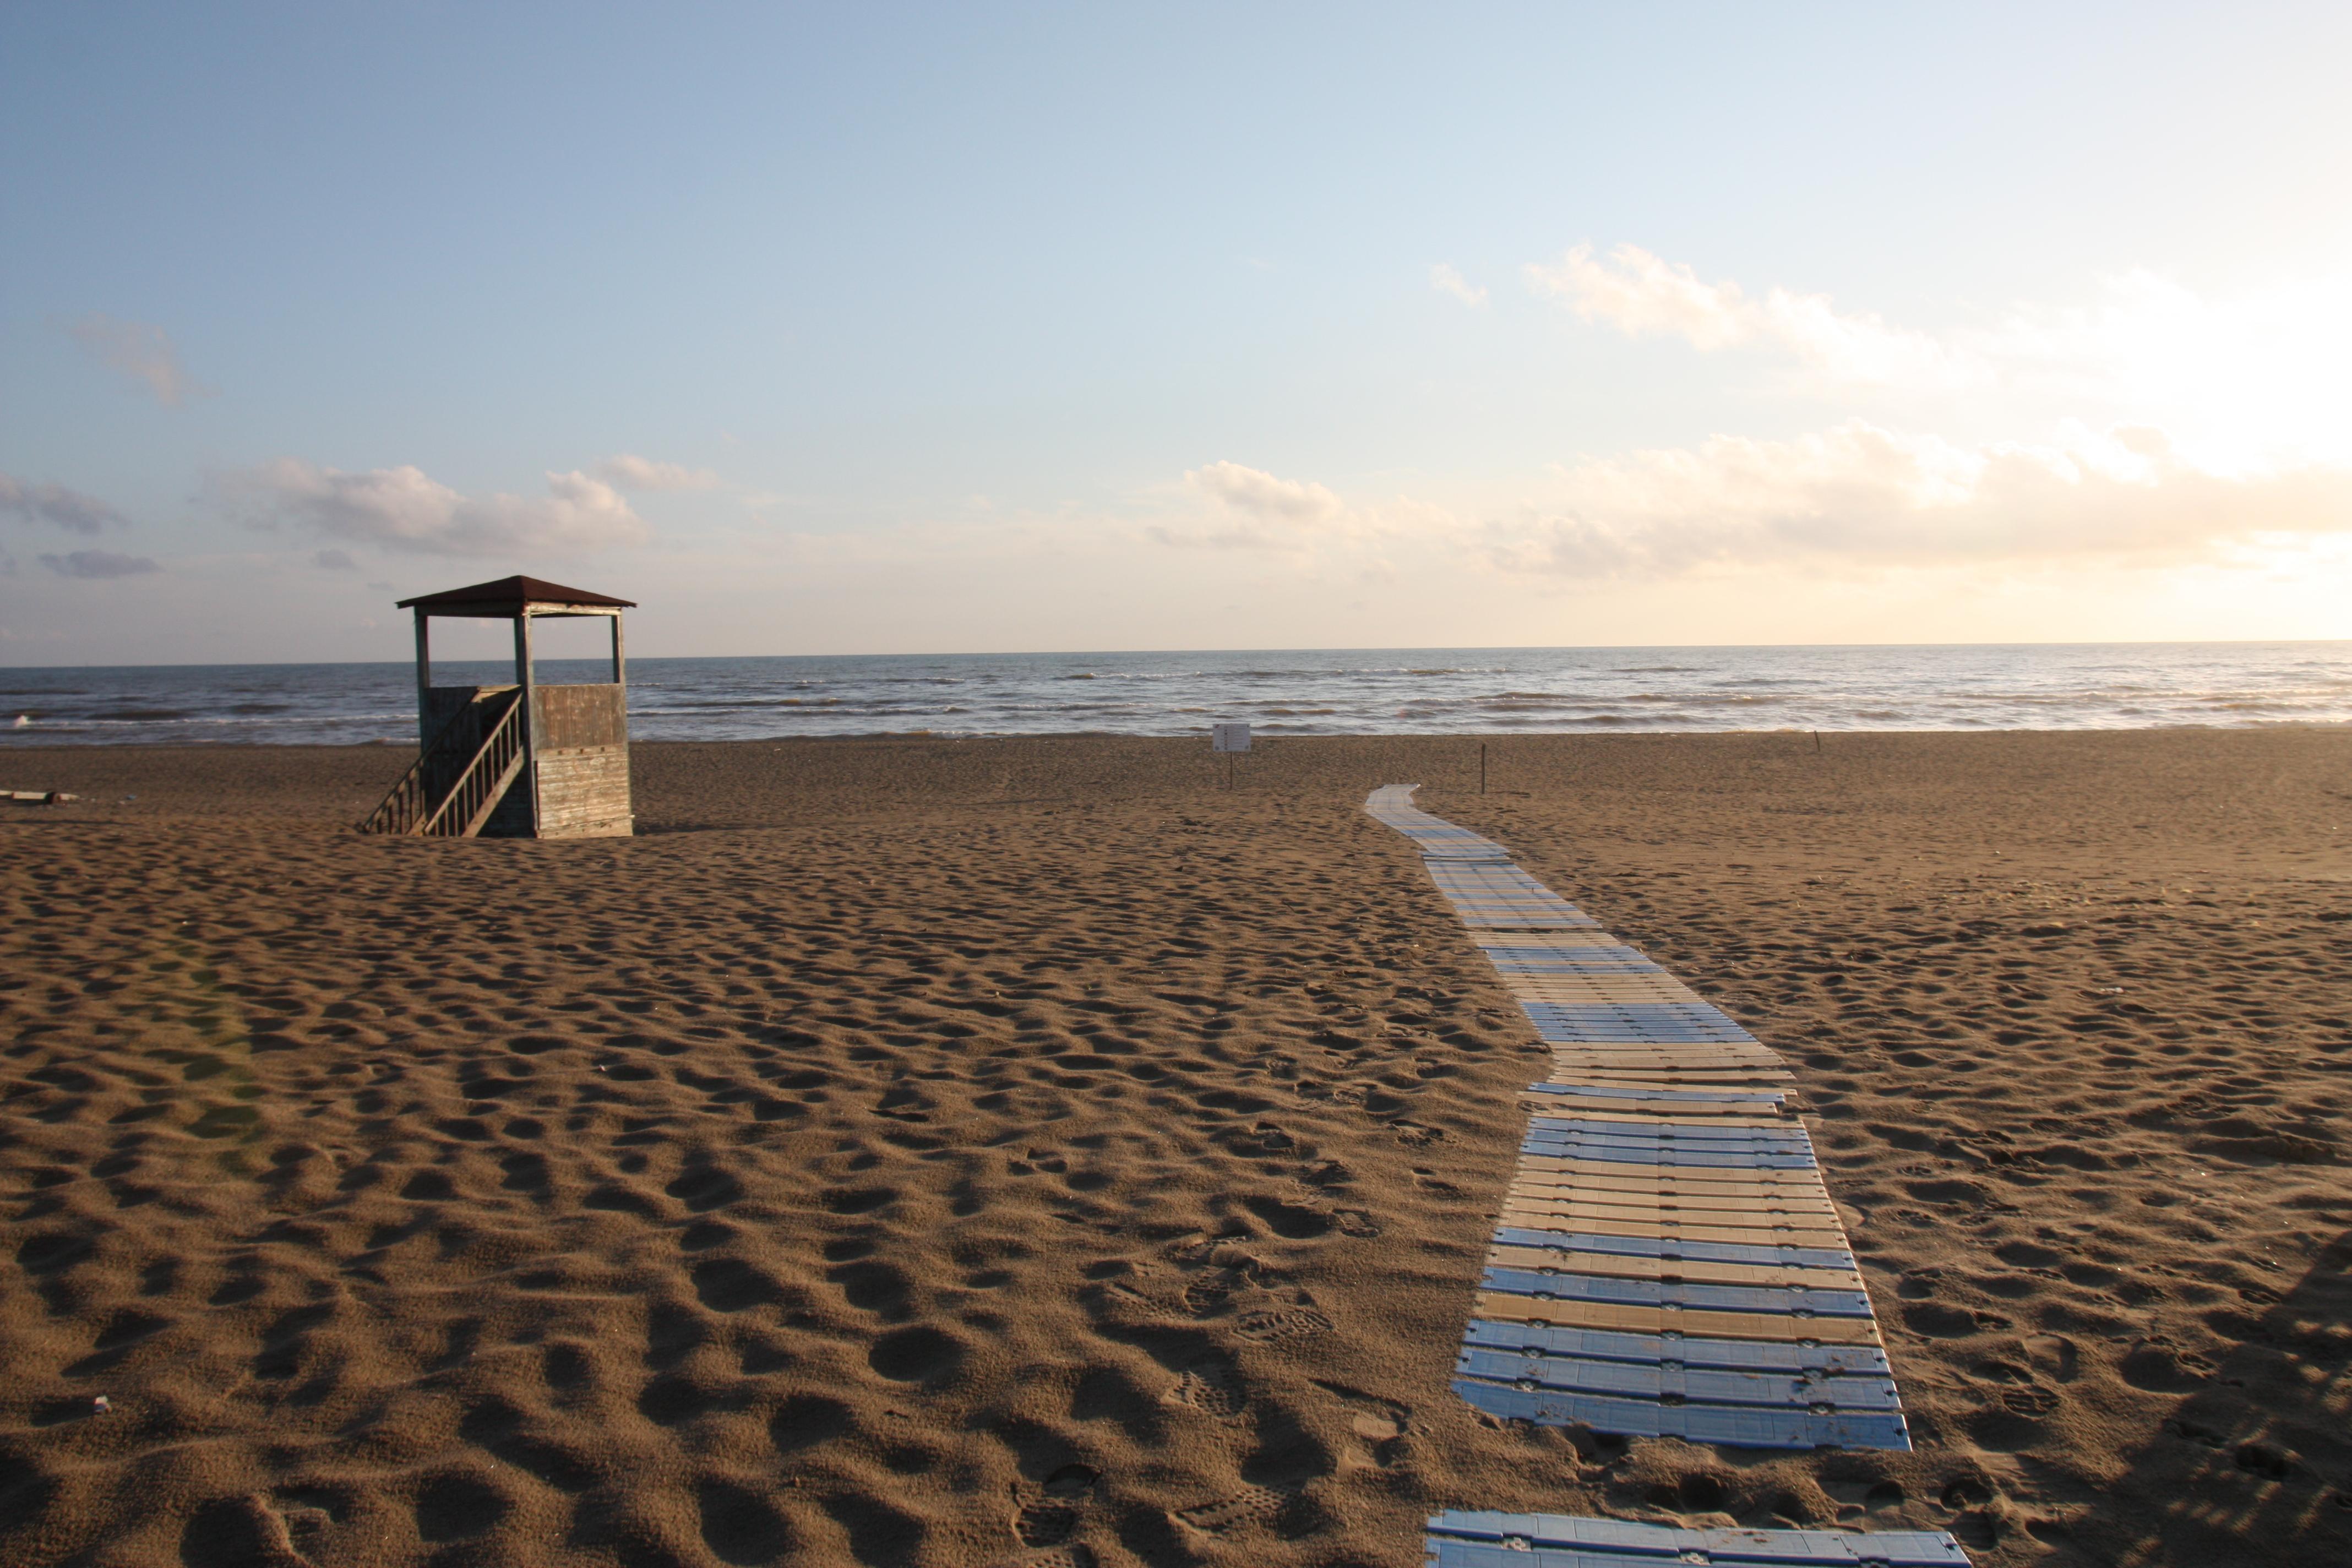 Spiaggia Castel Porziano - Roma - Lazio